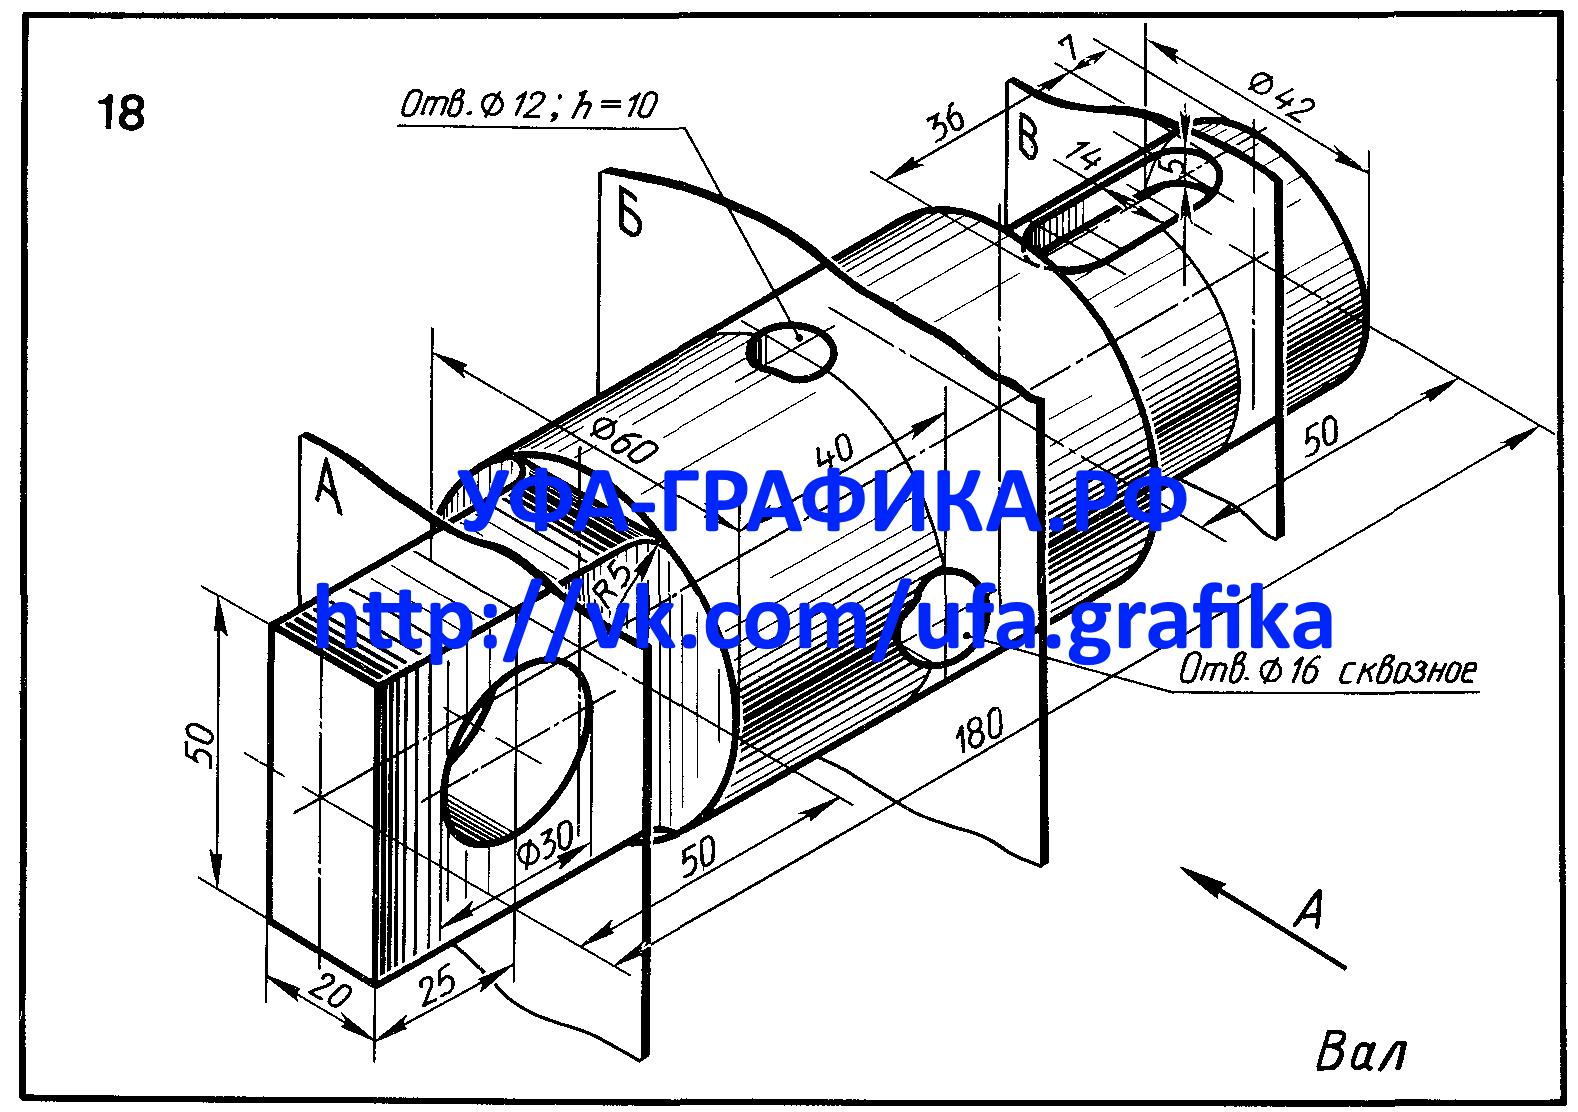 Сечения вала - Вариант 18, чертежи, деталирование, 3Д модели, начертательная геометрия, инженерная графика